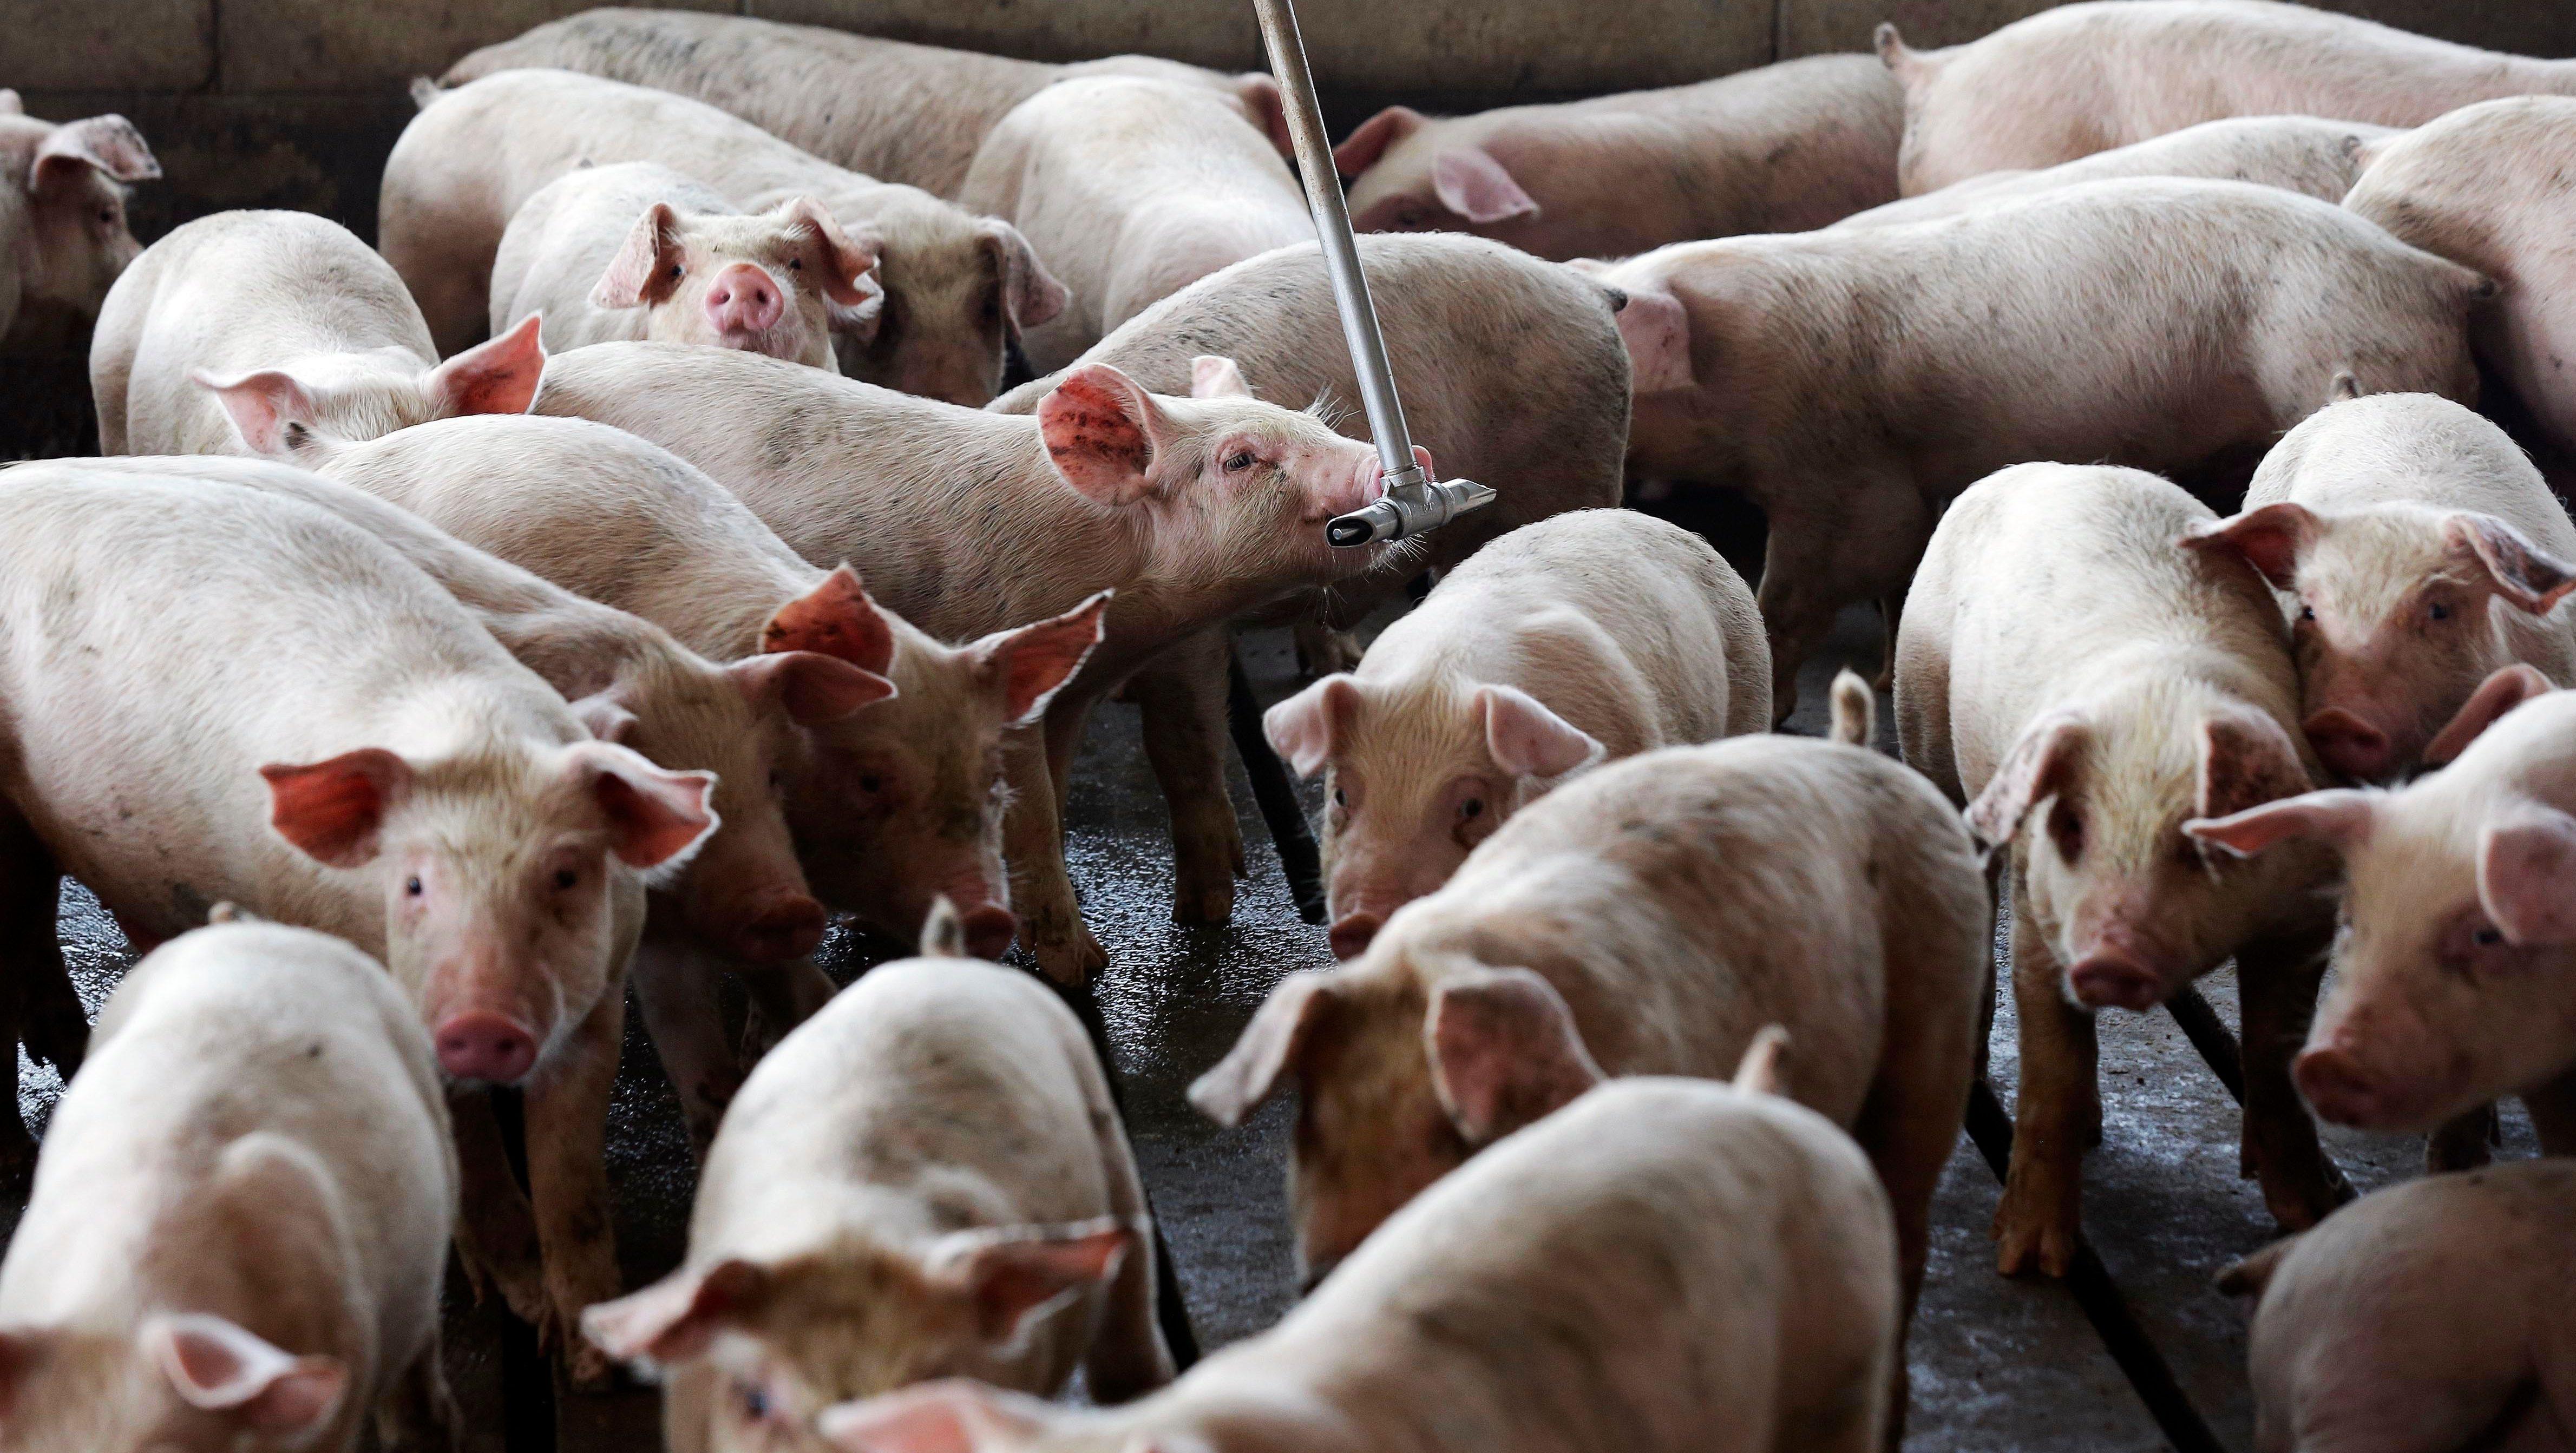 Pigs in a pen.